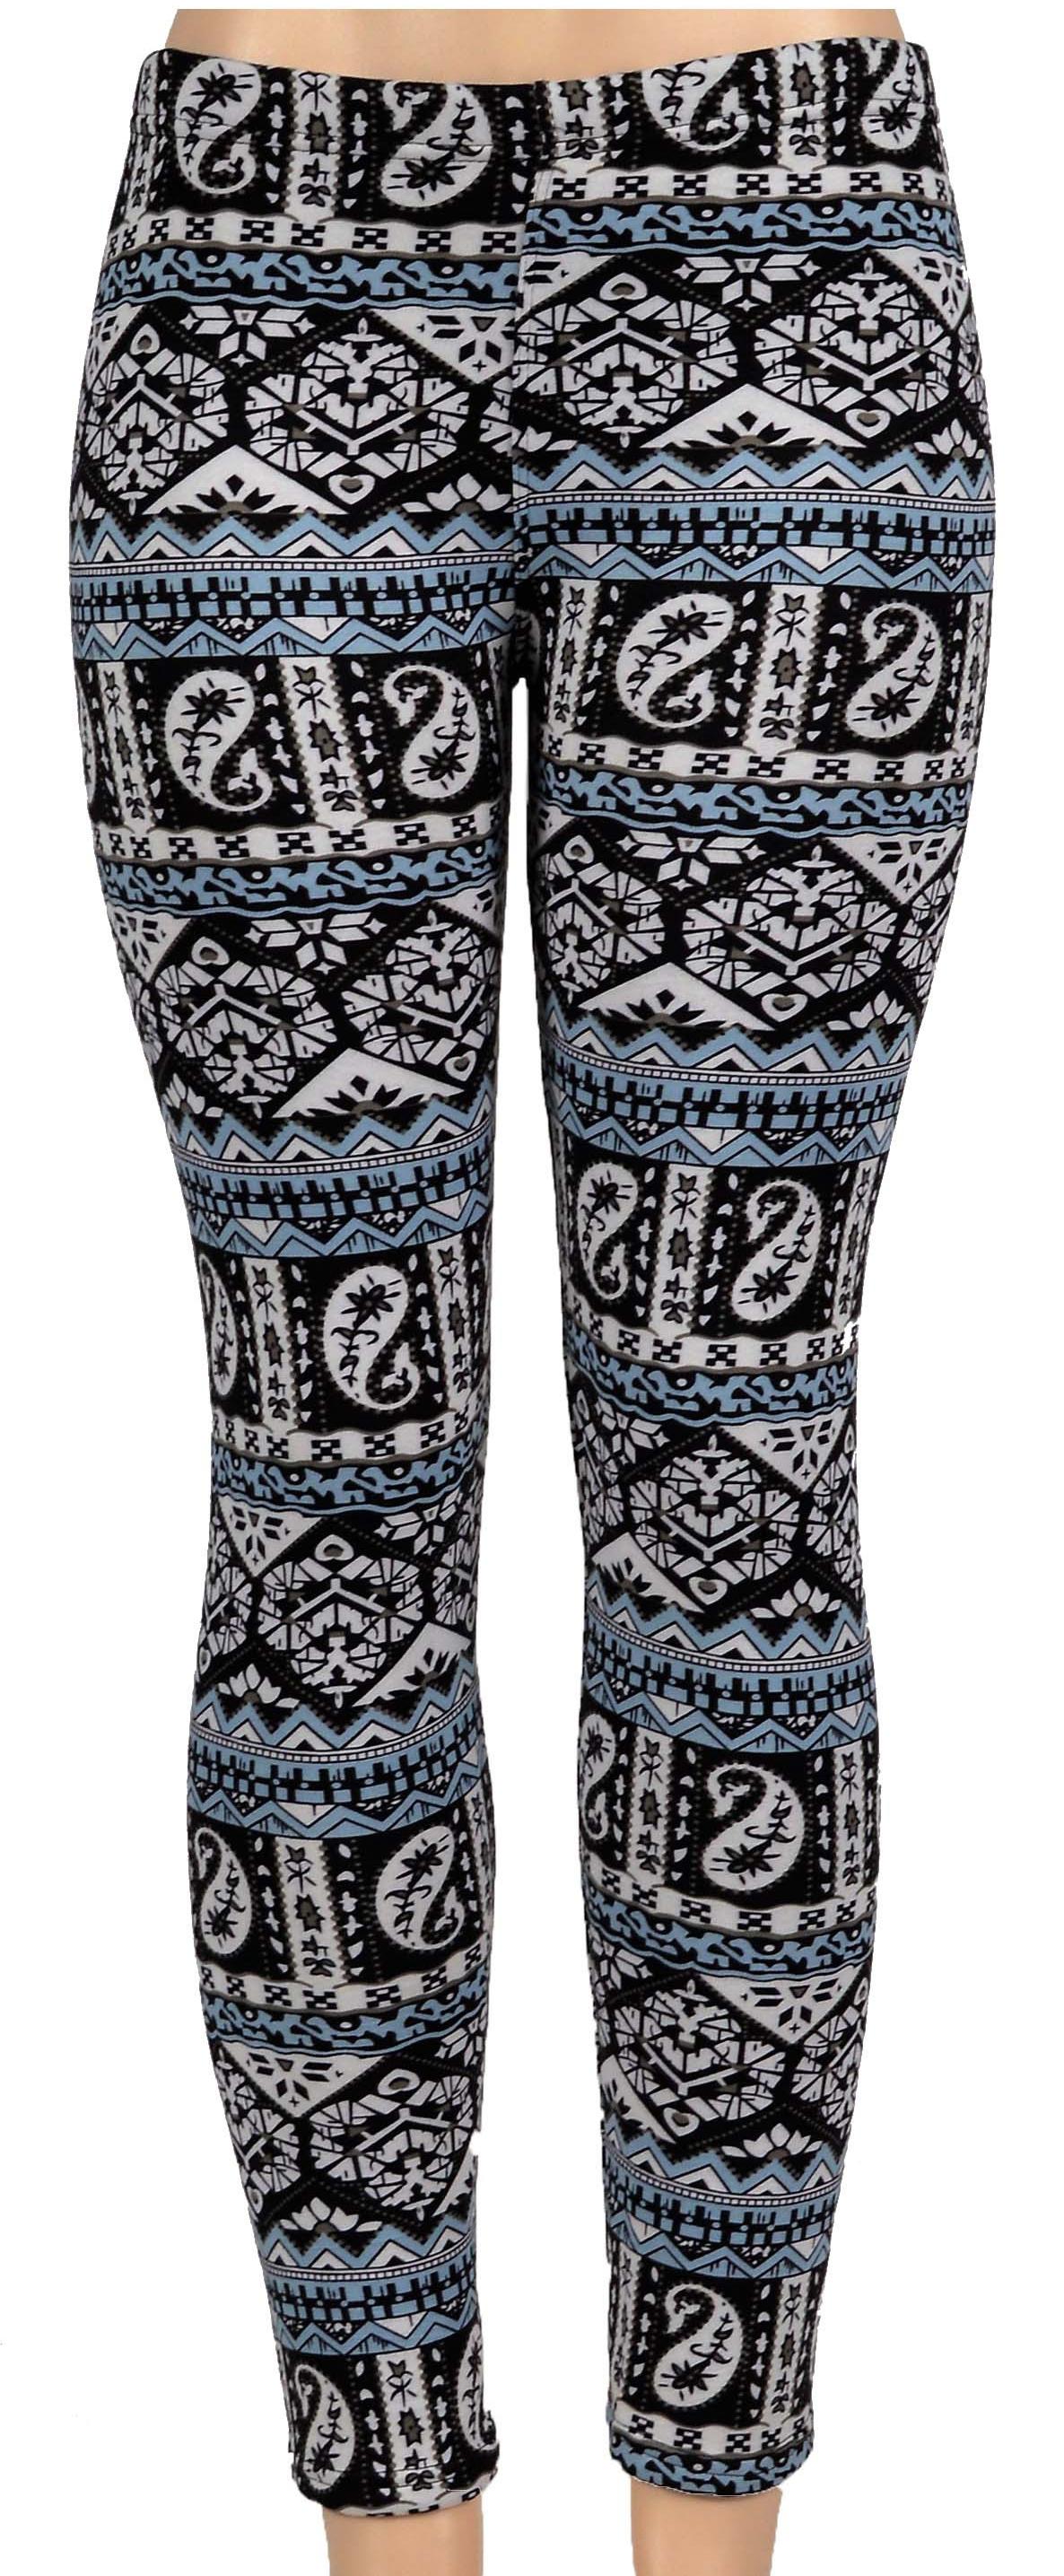 Ladies Fur Lined Leggings